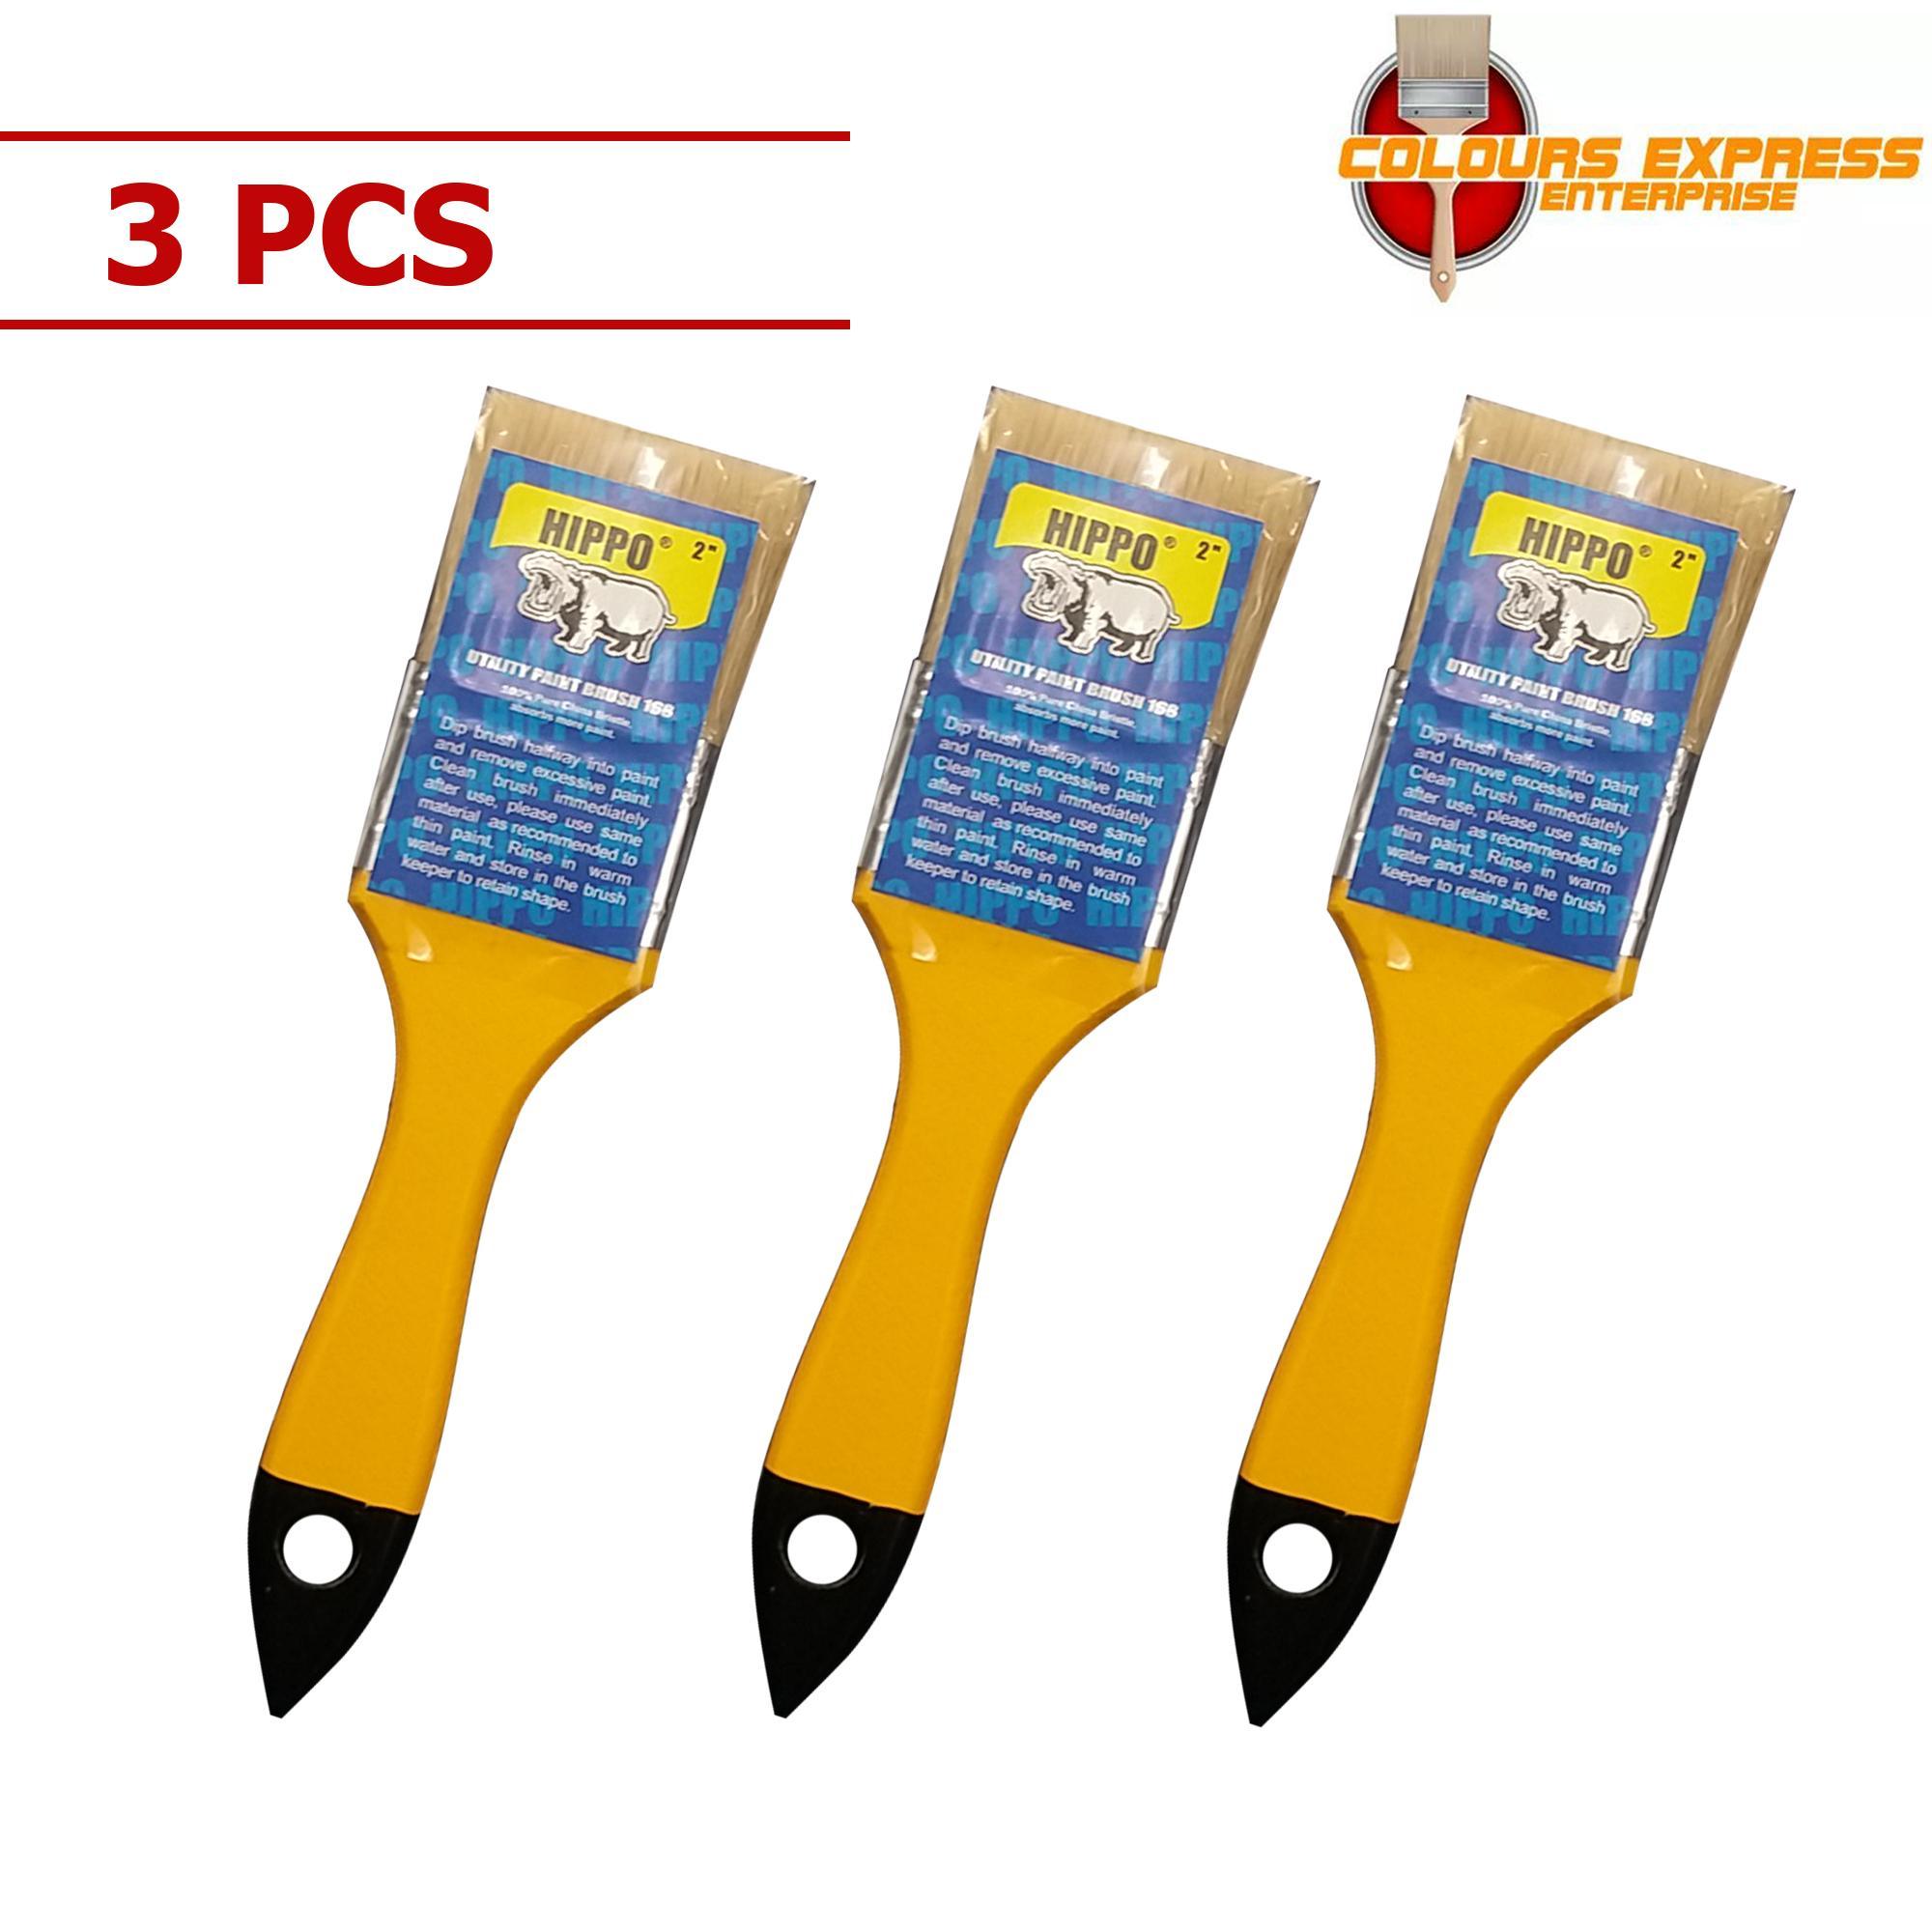 Hippo 2 Utility Paint Brush 168 3Pcs